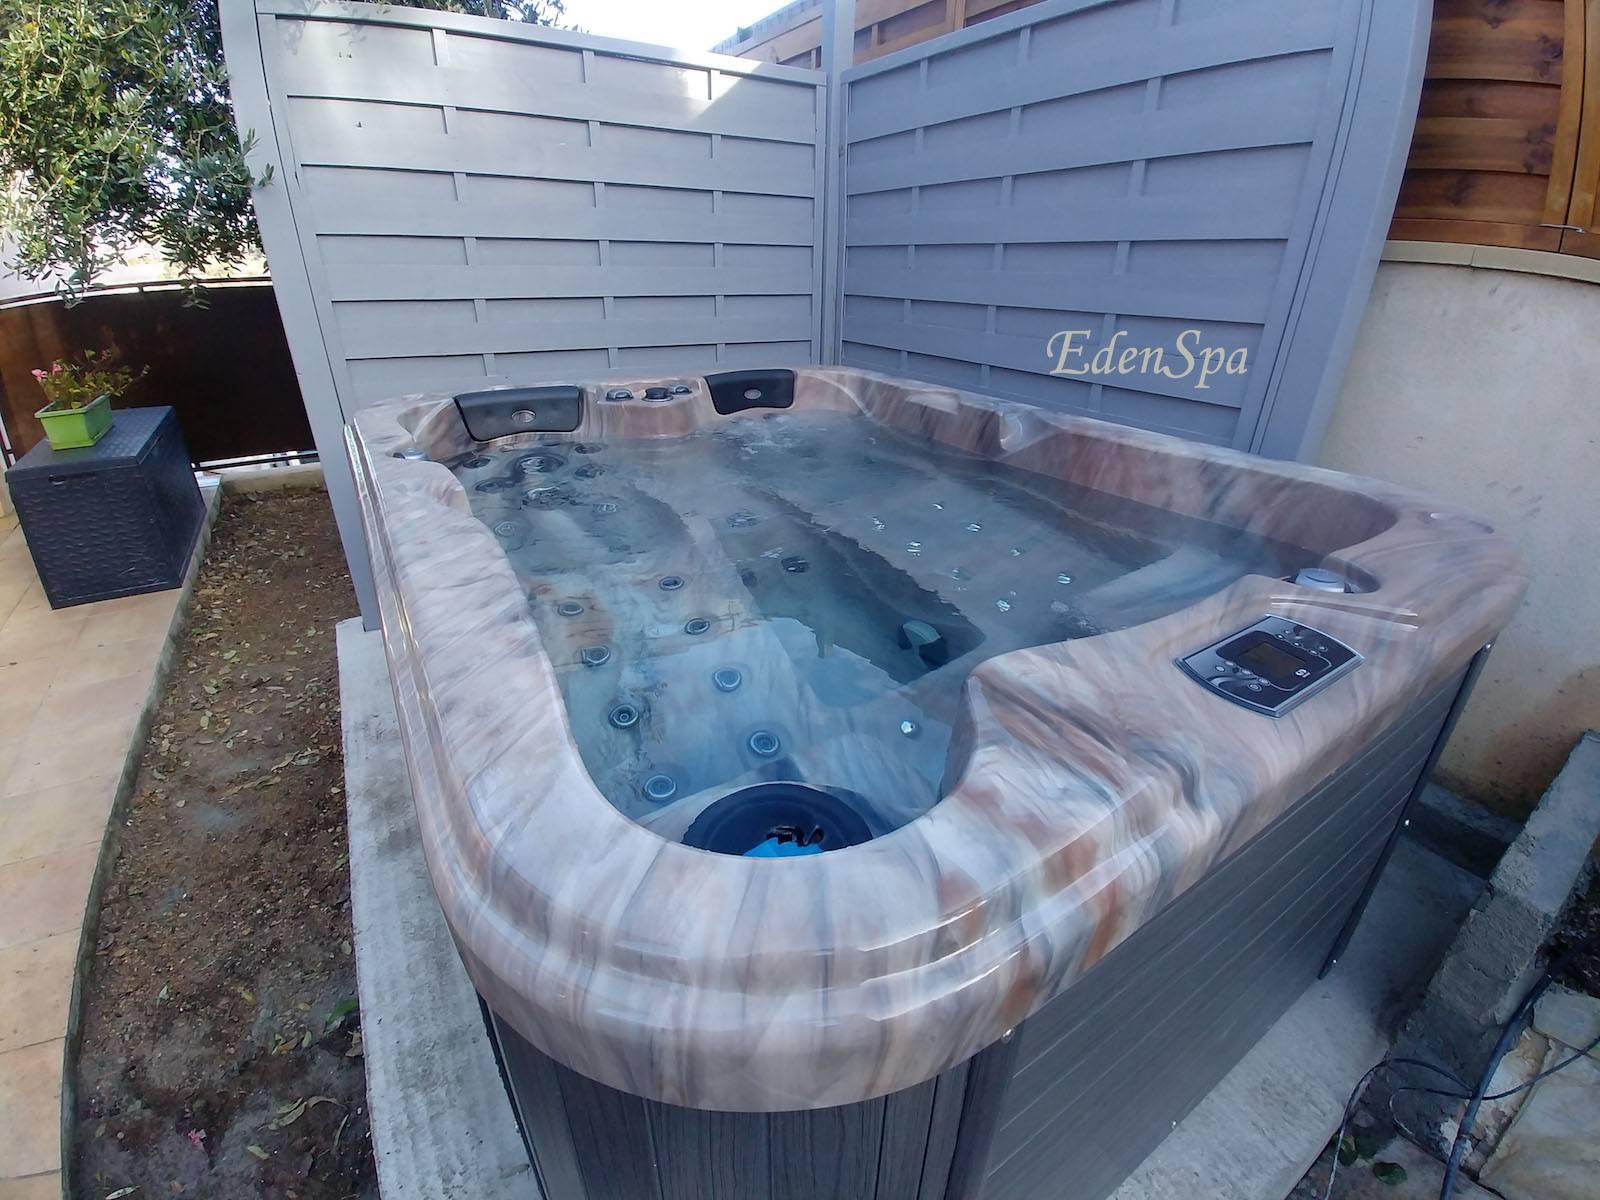 spa 3 places haut de gamme marseille mod le o364 edenspa. Black Bedroom Furniture Sets. Home Design Ideas